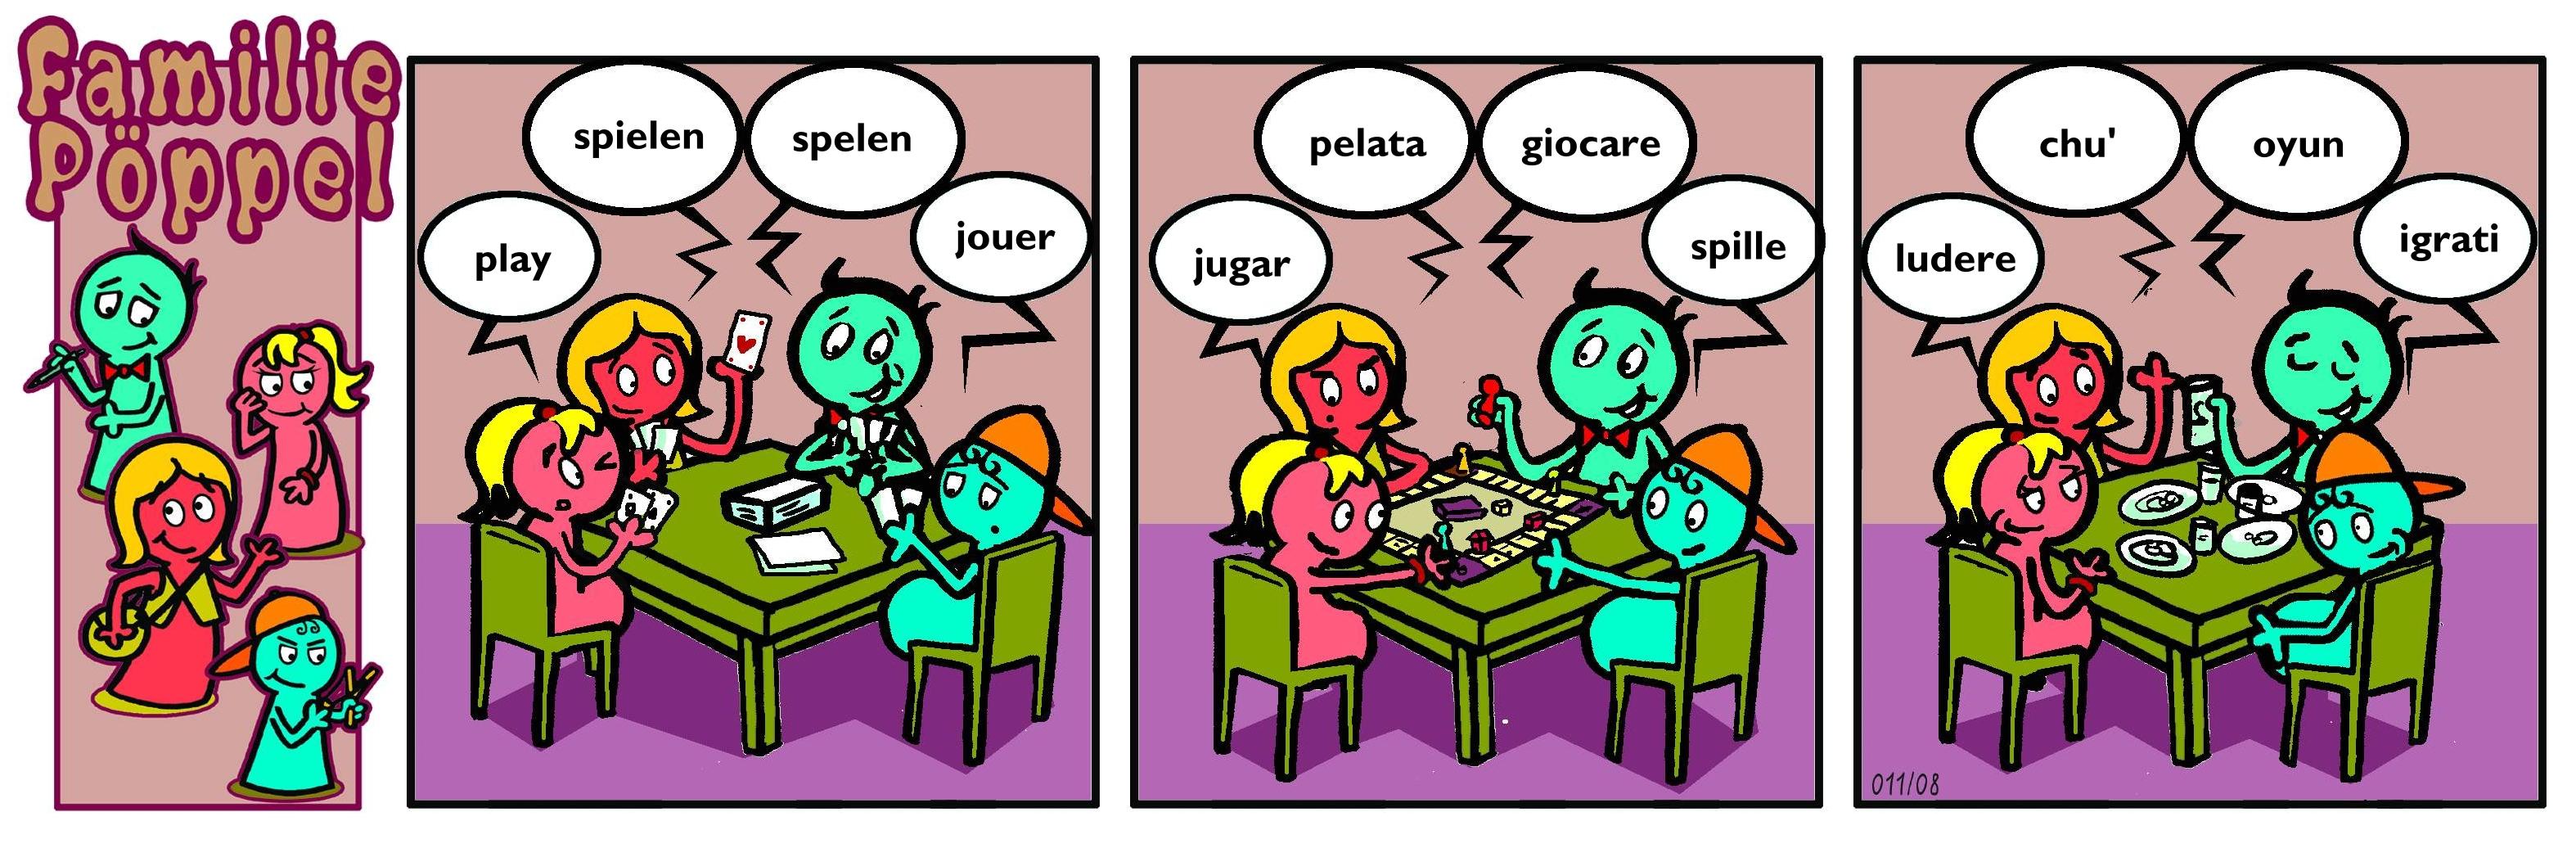 JUEGOS ESPANOLAS